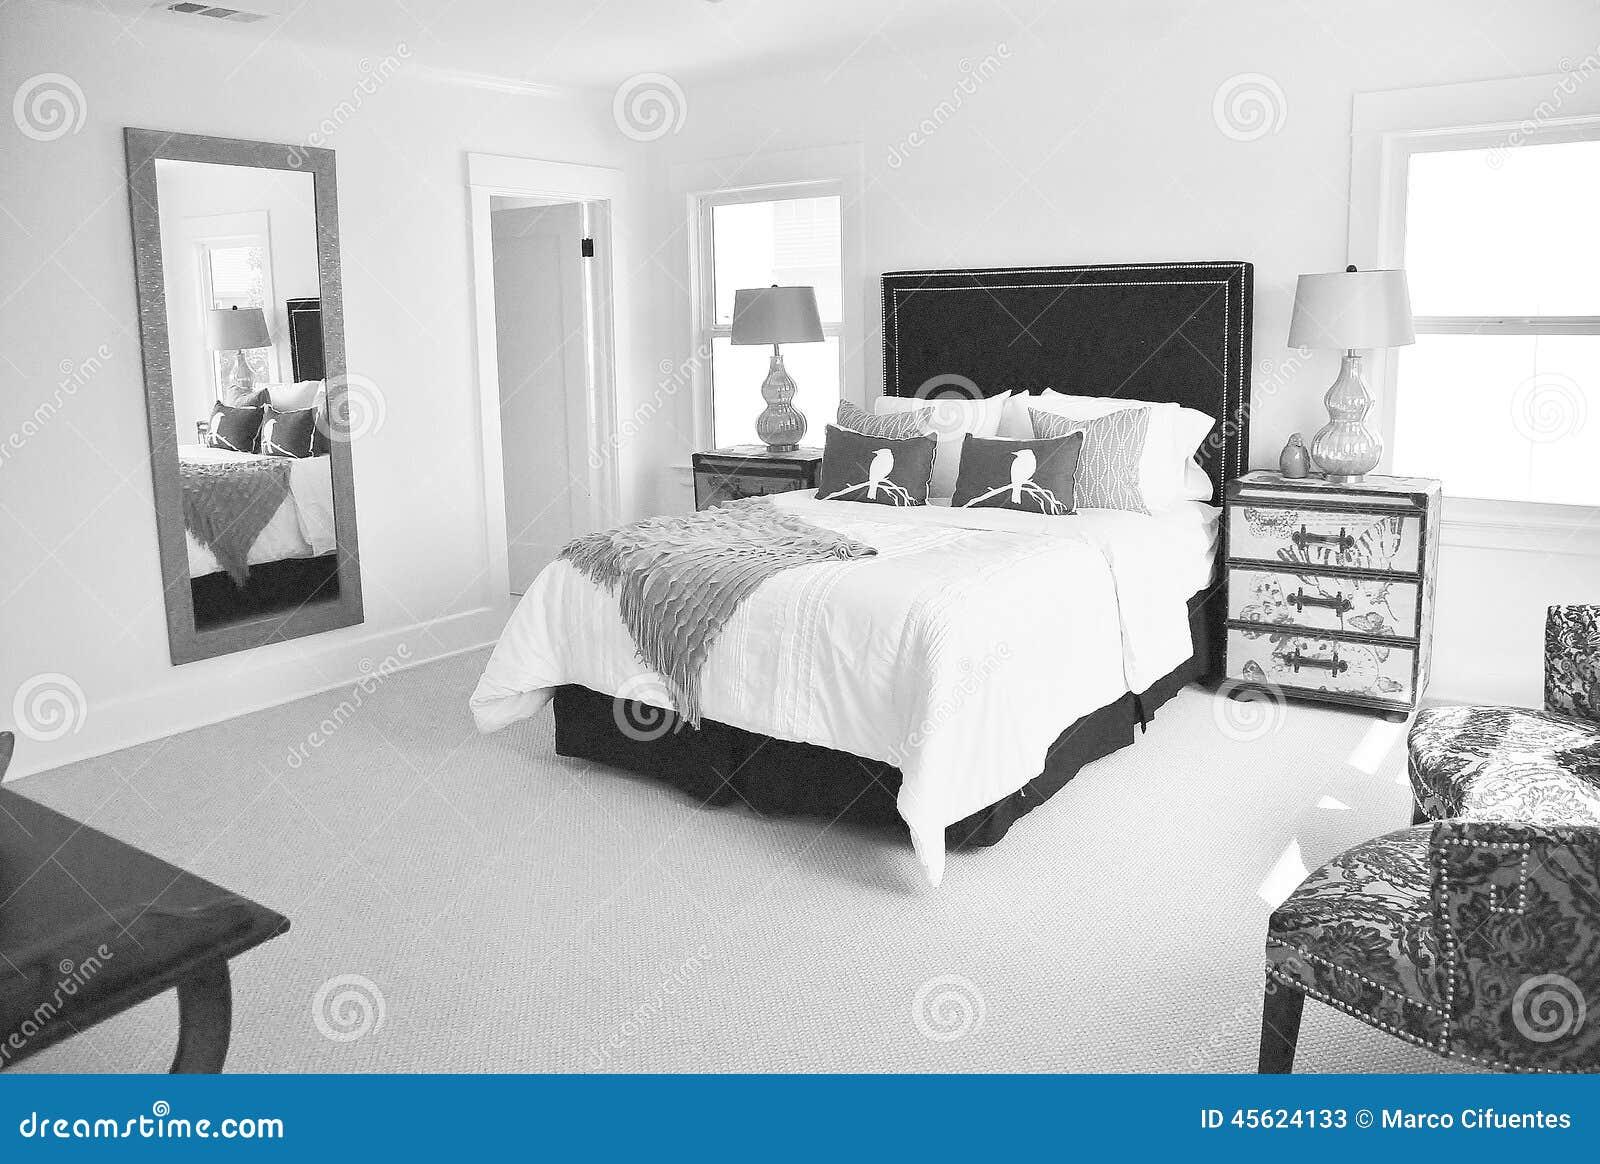 Camera Da Letto In Bianco E Nero Luminosa Fotografia Stock - Immagine: 45624133